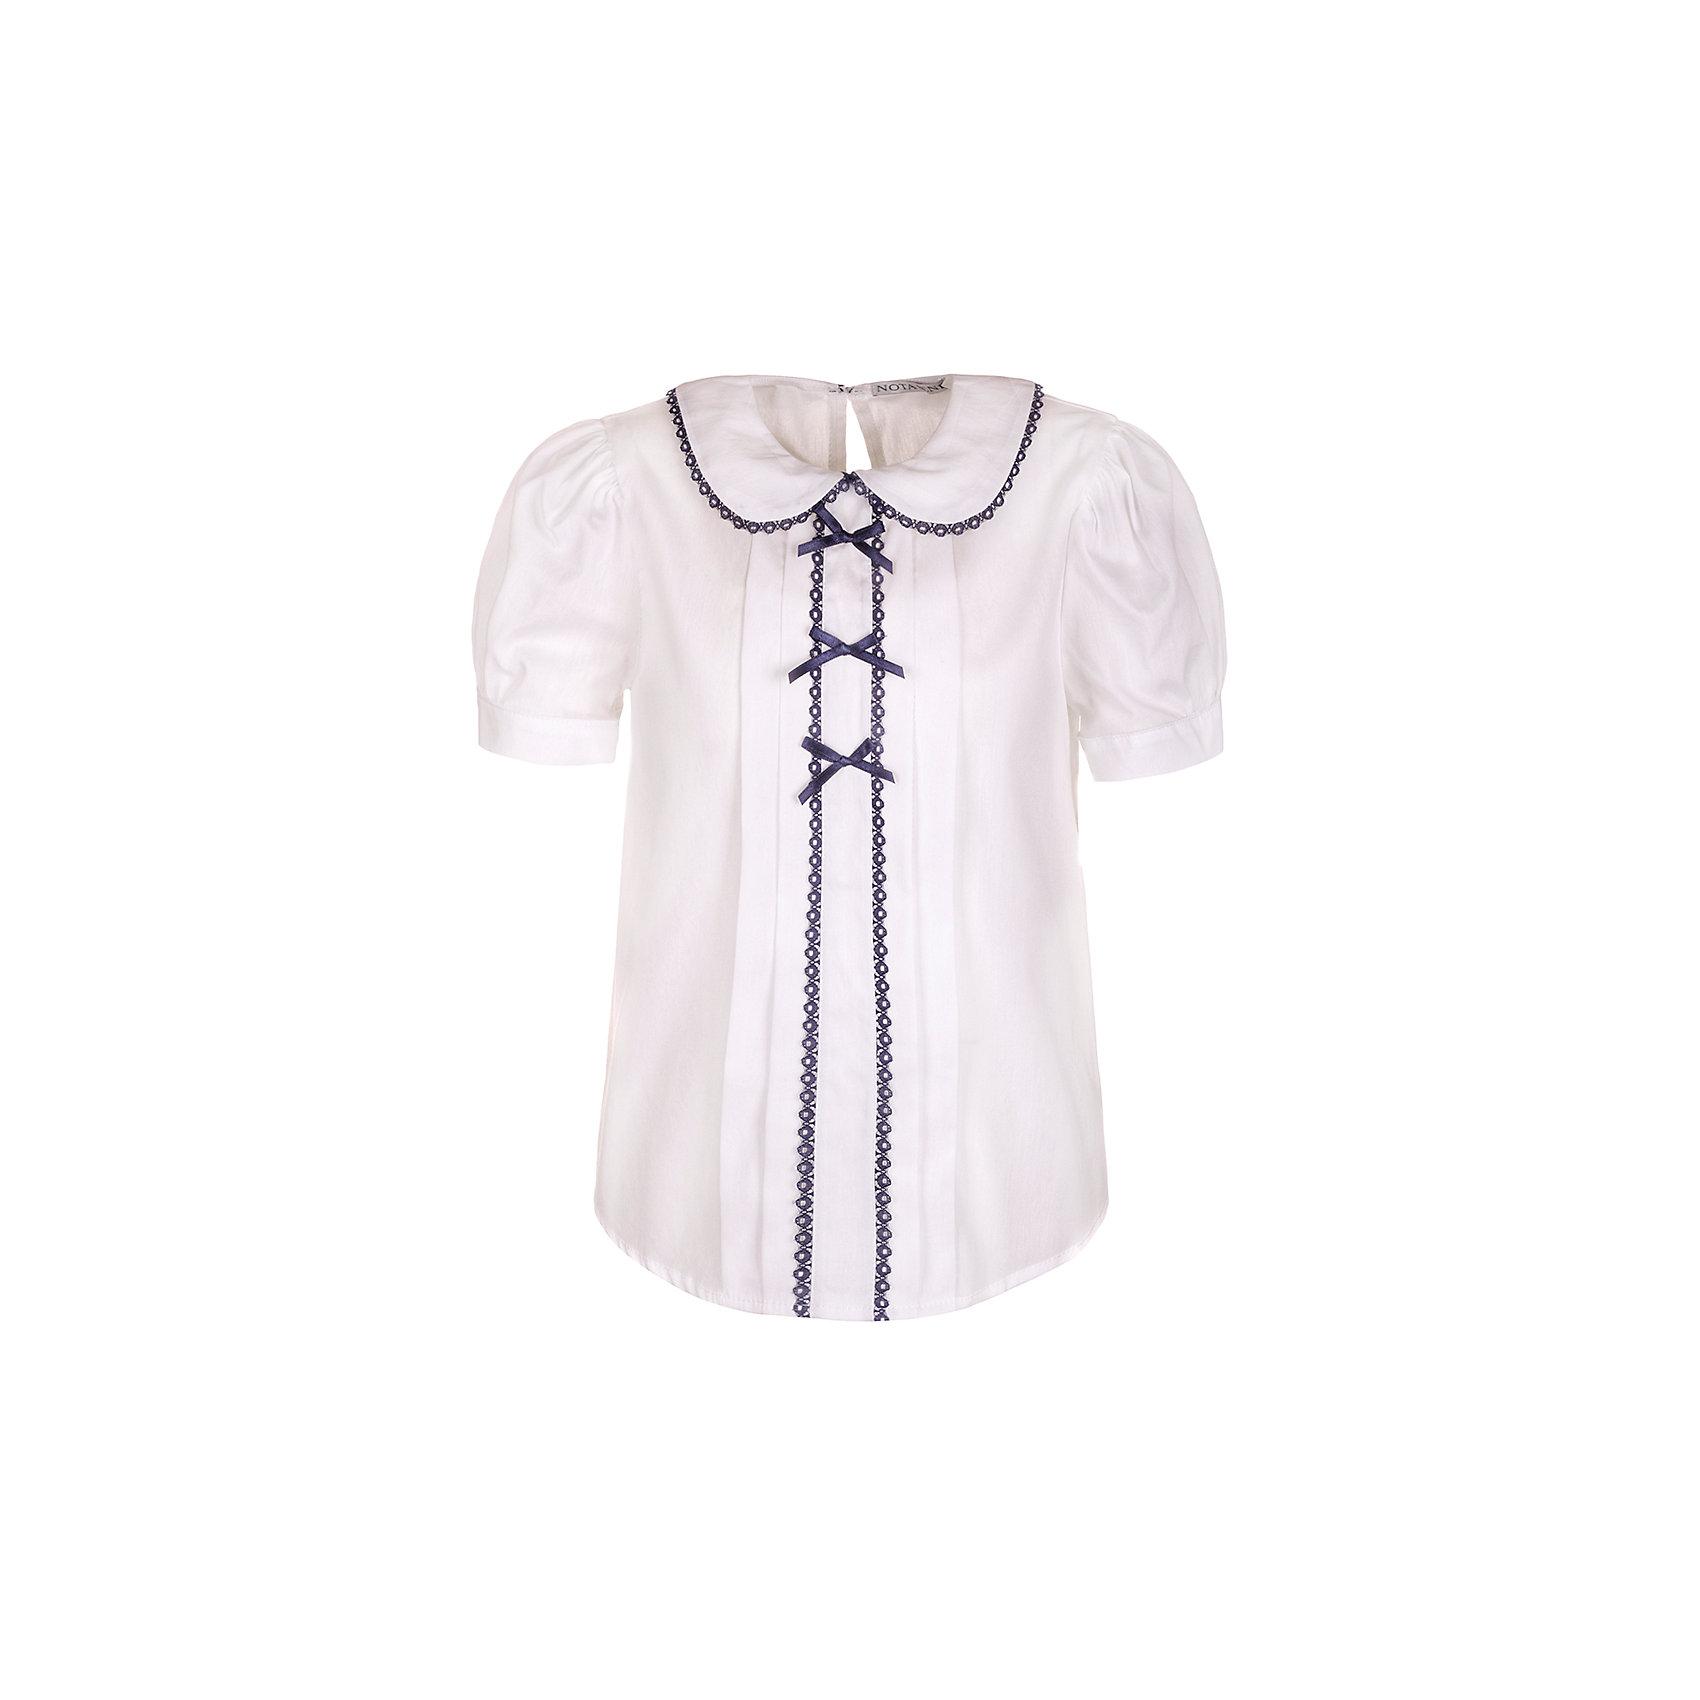 Блузка Nota Bene для девочкиБлузки и рубашки<br>Блузка с короткими рукавами со сборкой на манжете. <br>Манжеты рукавов застегиваются на пуговицу.<br>Воротник отложной с тесьмой по отлету.<br>Соответствует размеру.<br>Рекомендована предварительная стирка.<br>Состав:<br>60% хлопок; 37% полиэстер; 3% лайкра<br><br>Ширина мм: 186<br>Глубина мм: 87<br>Высота мм: 198<br>Вес г: 197<br>Цвет: белый<br>Возраст от месяцев: 108<br>Возраст до месяцев: 120<br>Пол: Женский<br>Возраст: Детский<br>Размер: 140,122,128,134<br>SKU: 7012269